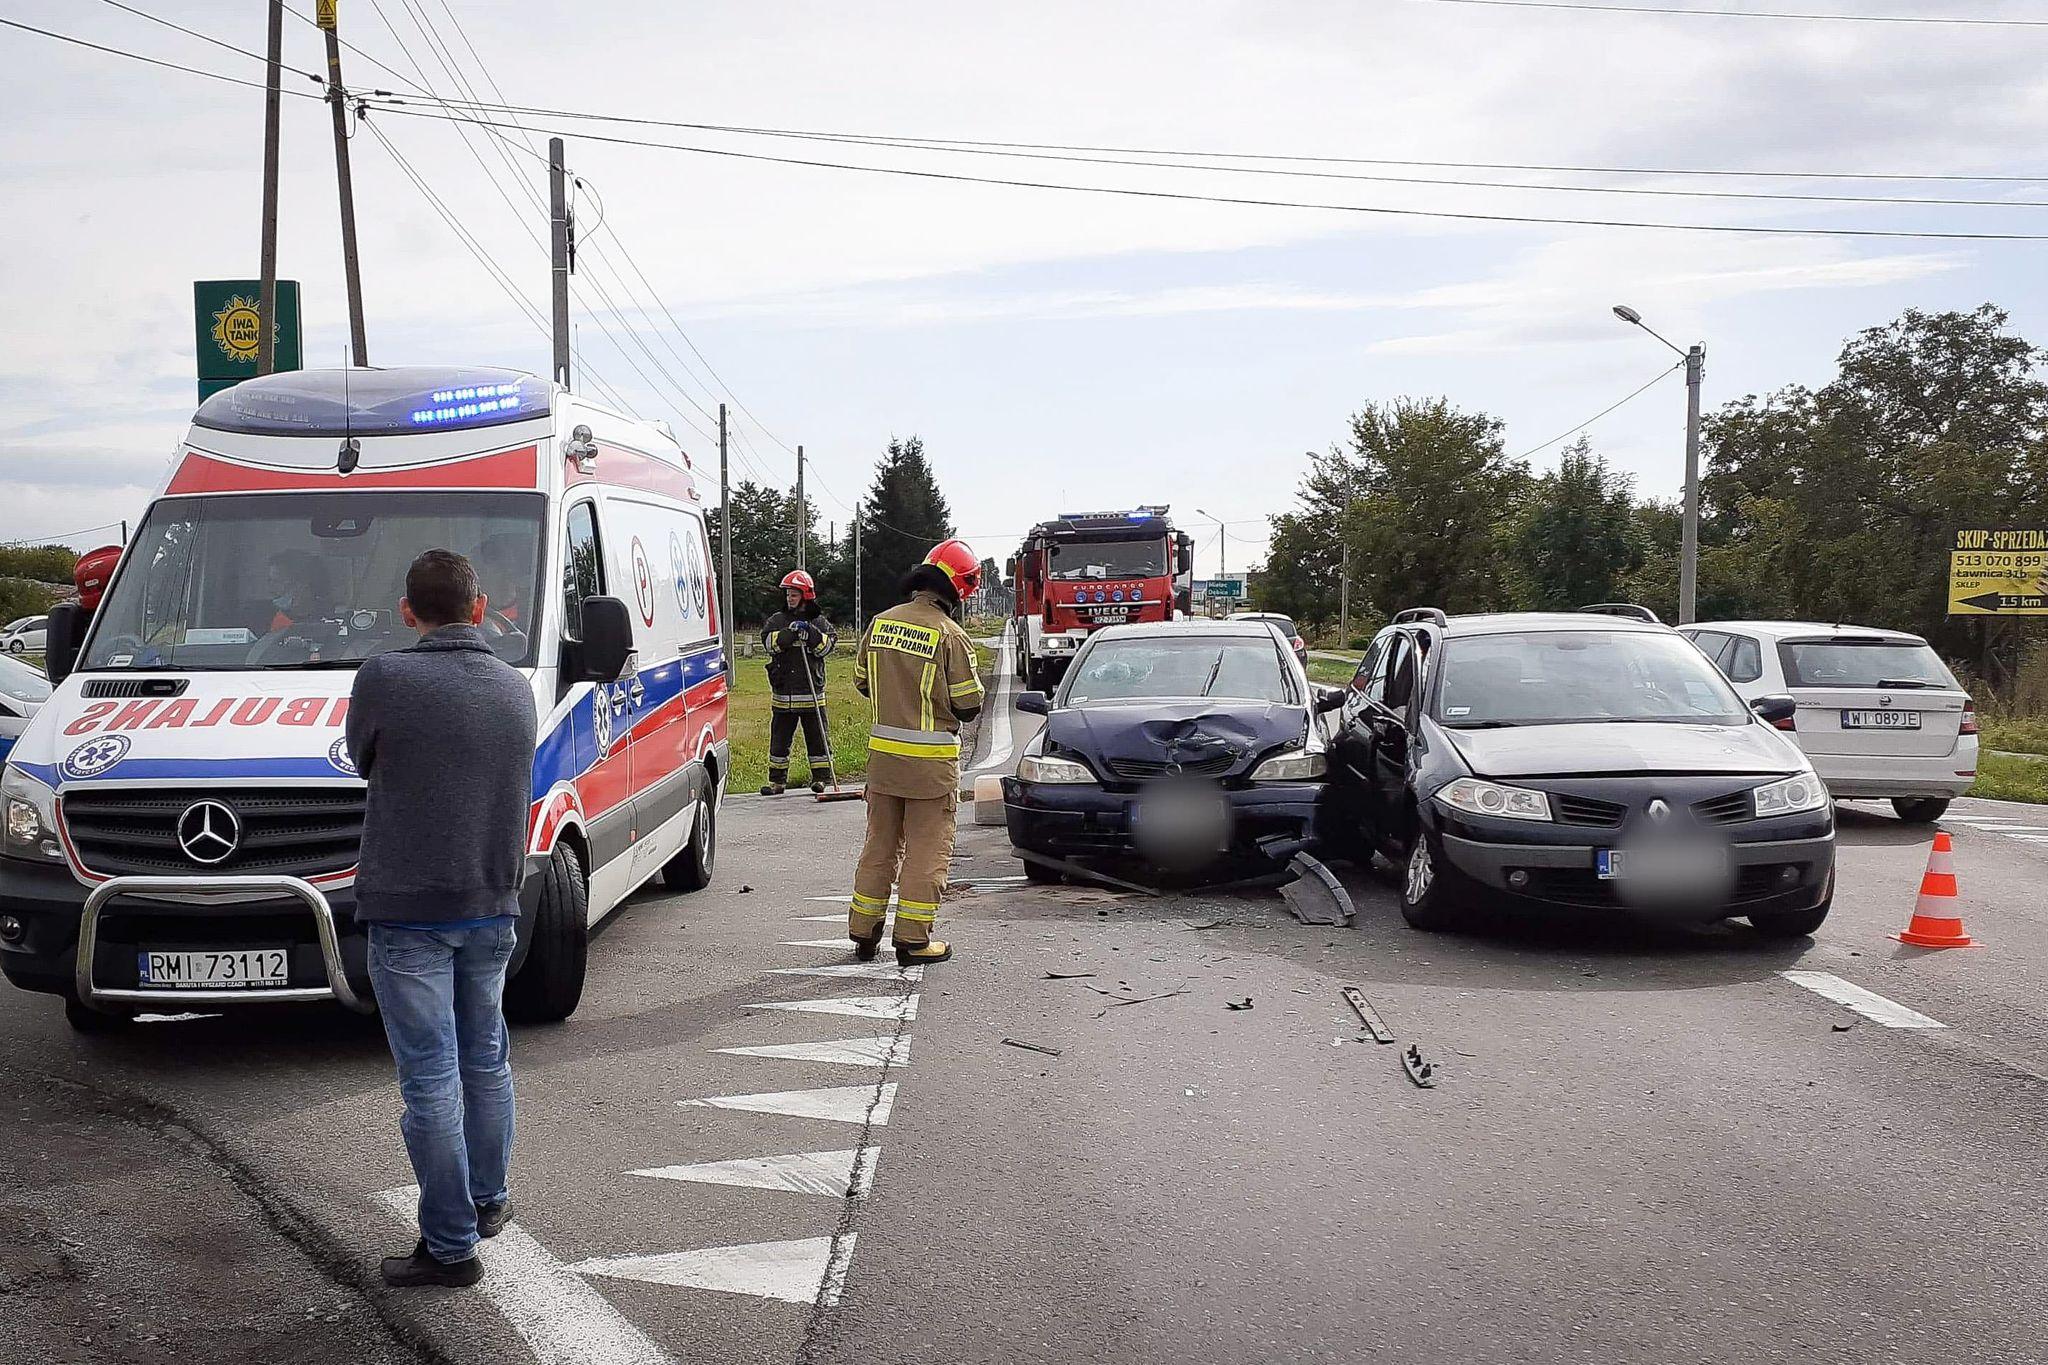 Wypadek w Chorzelowie. 3 osoby poszkodowane!  - Zdjęcie główne